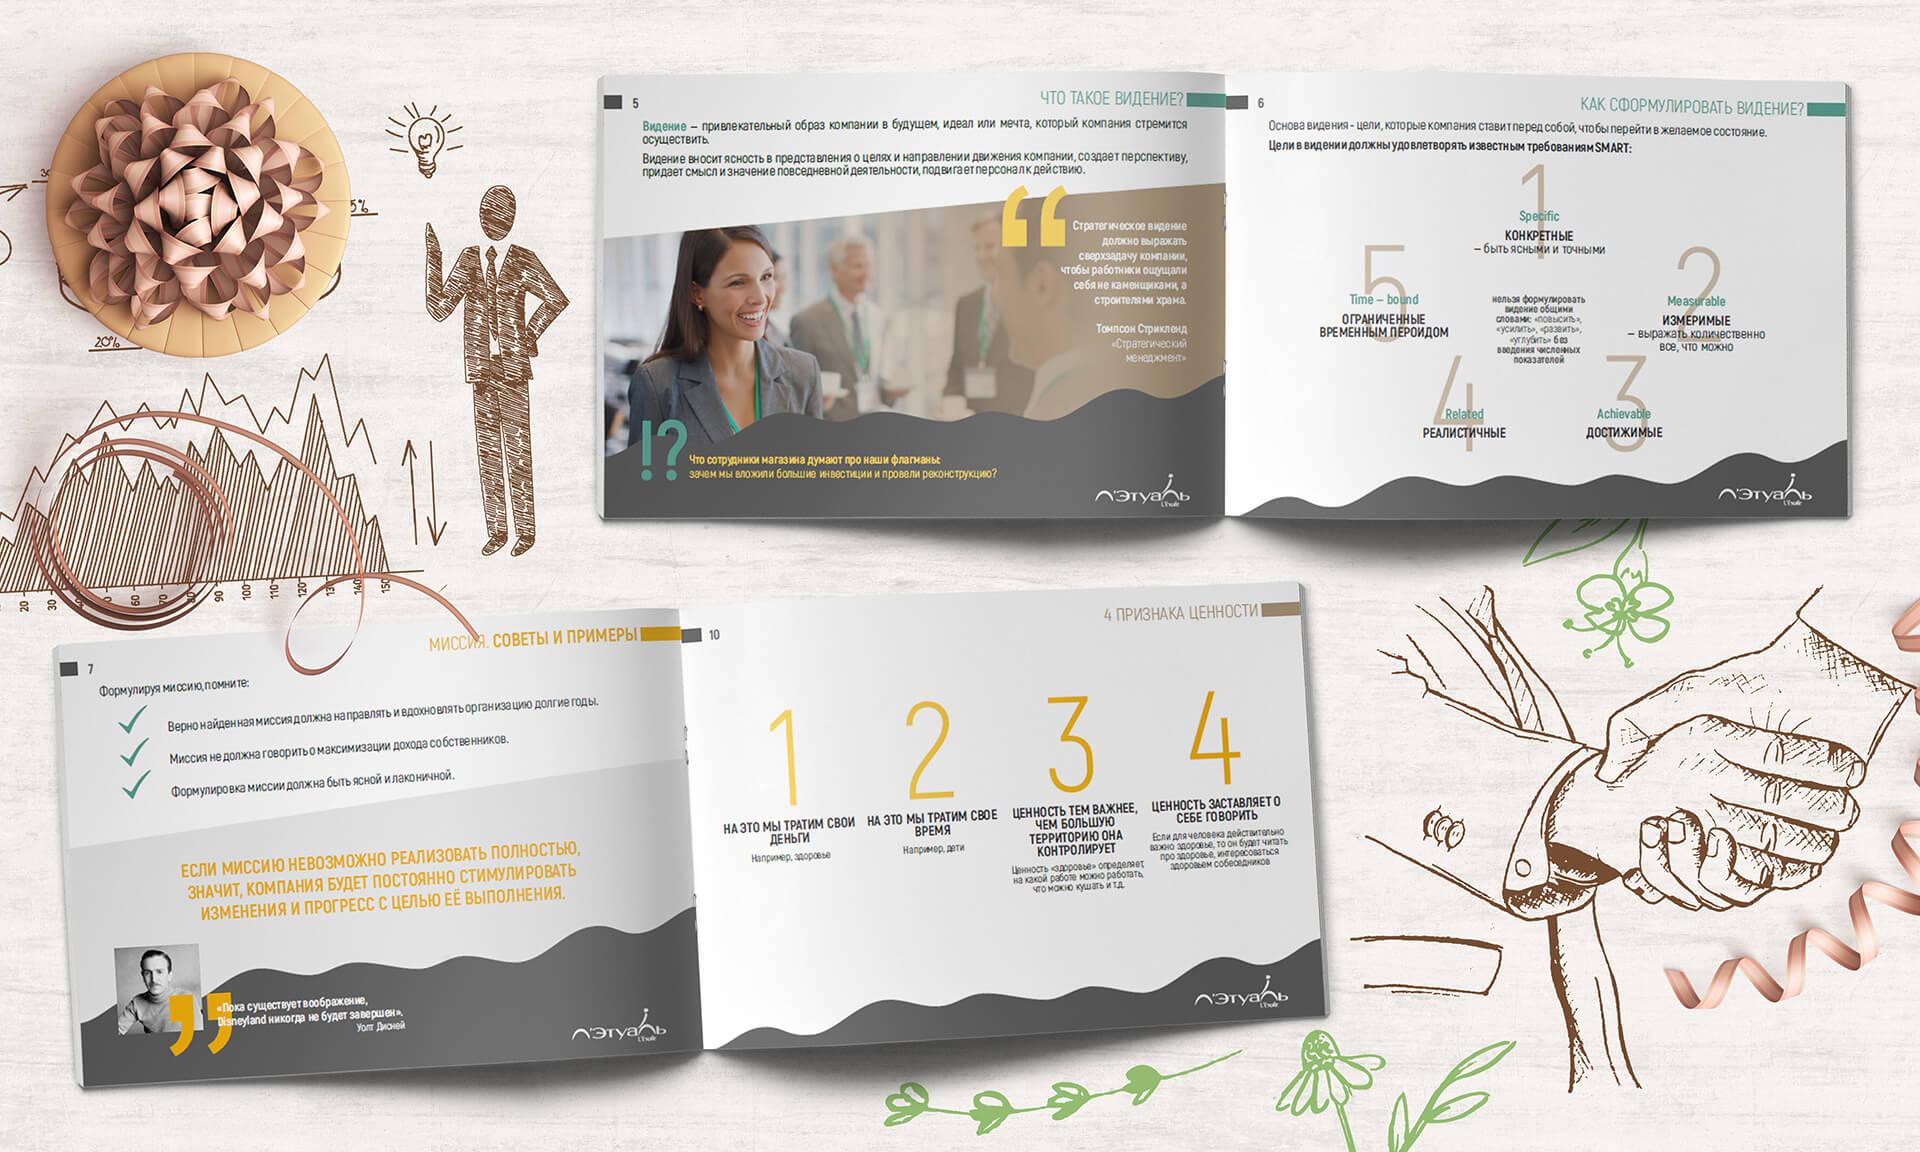 Презентация Летуаль (Letual) — косметическая компания